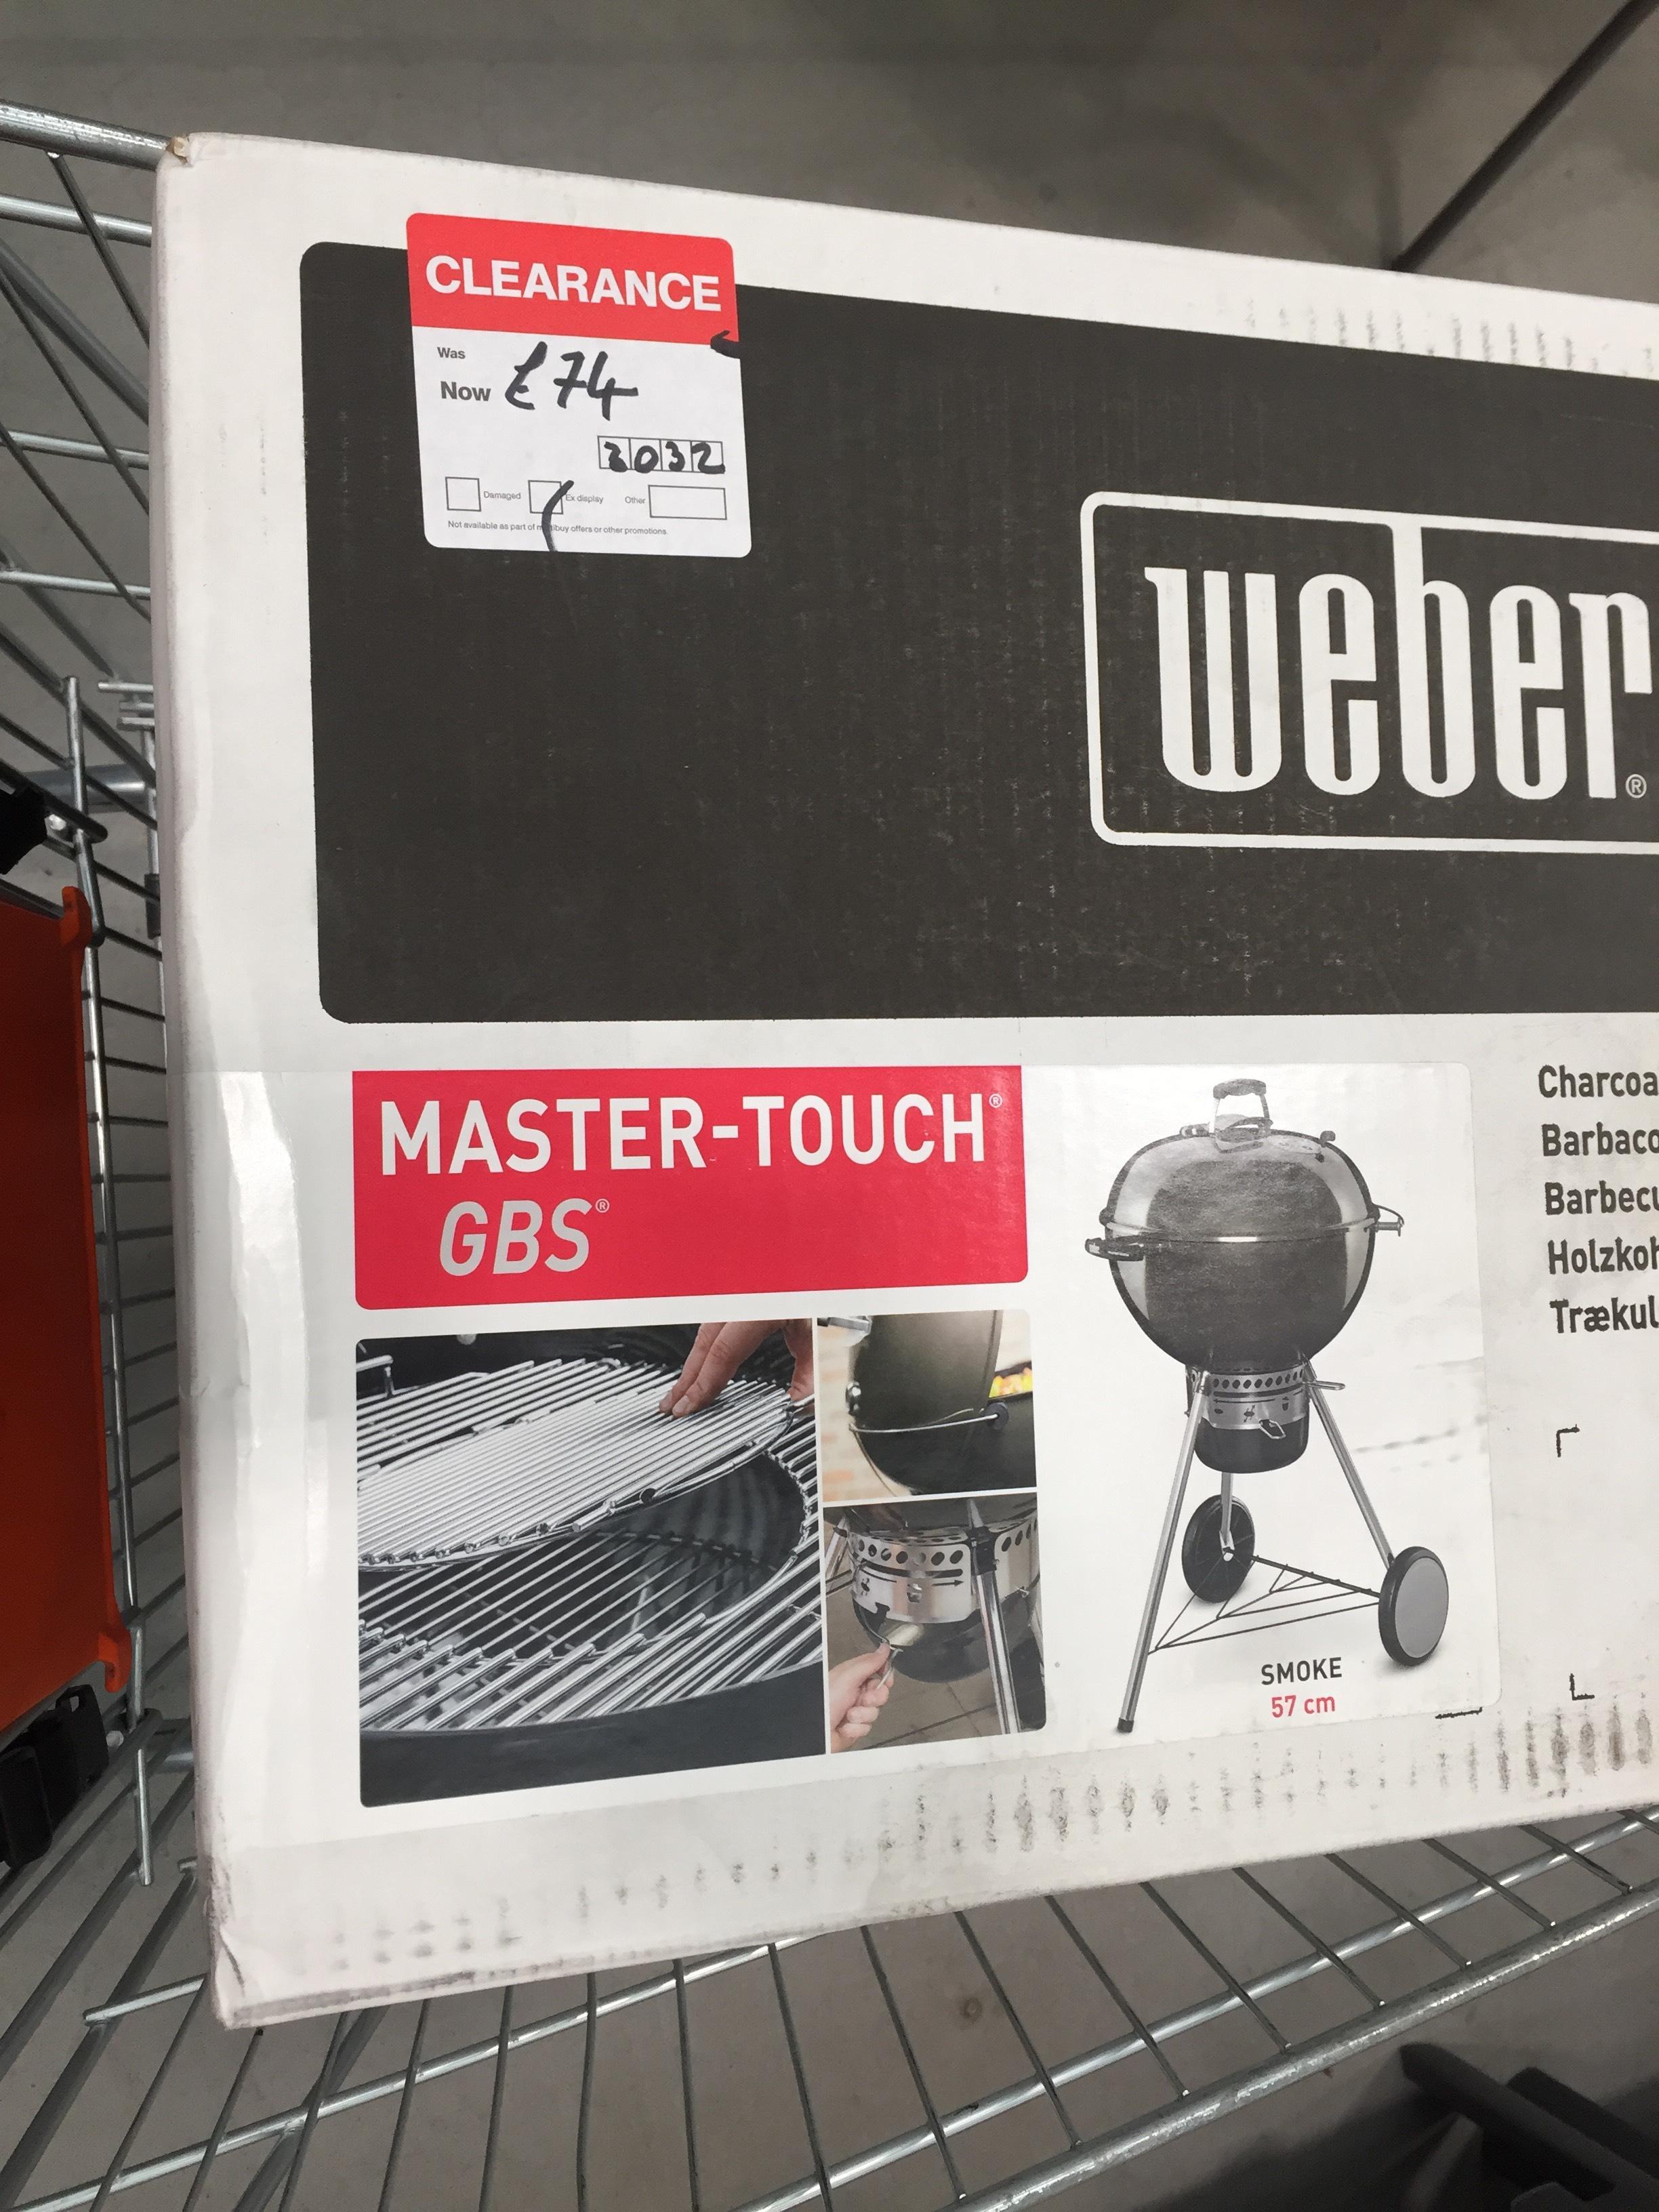 Weber master touch 57cm £74 instore @ B&Q